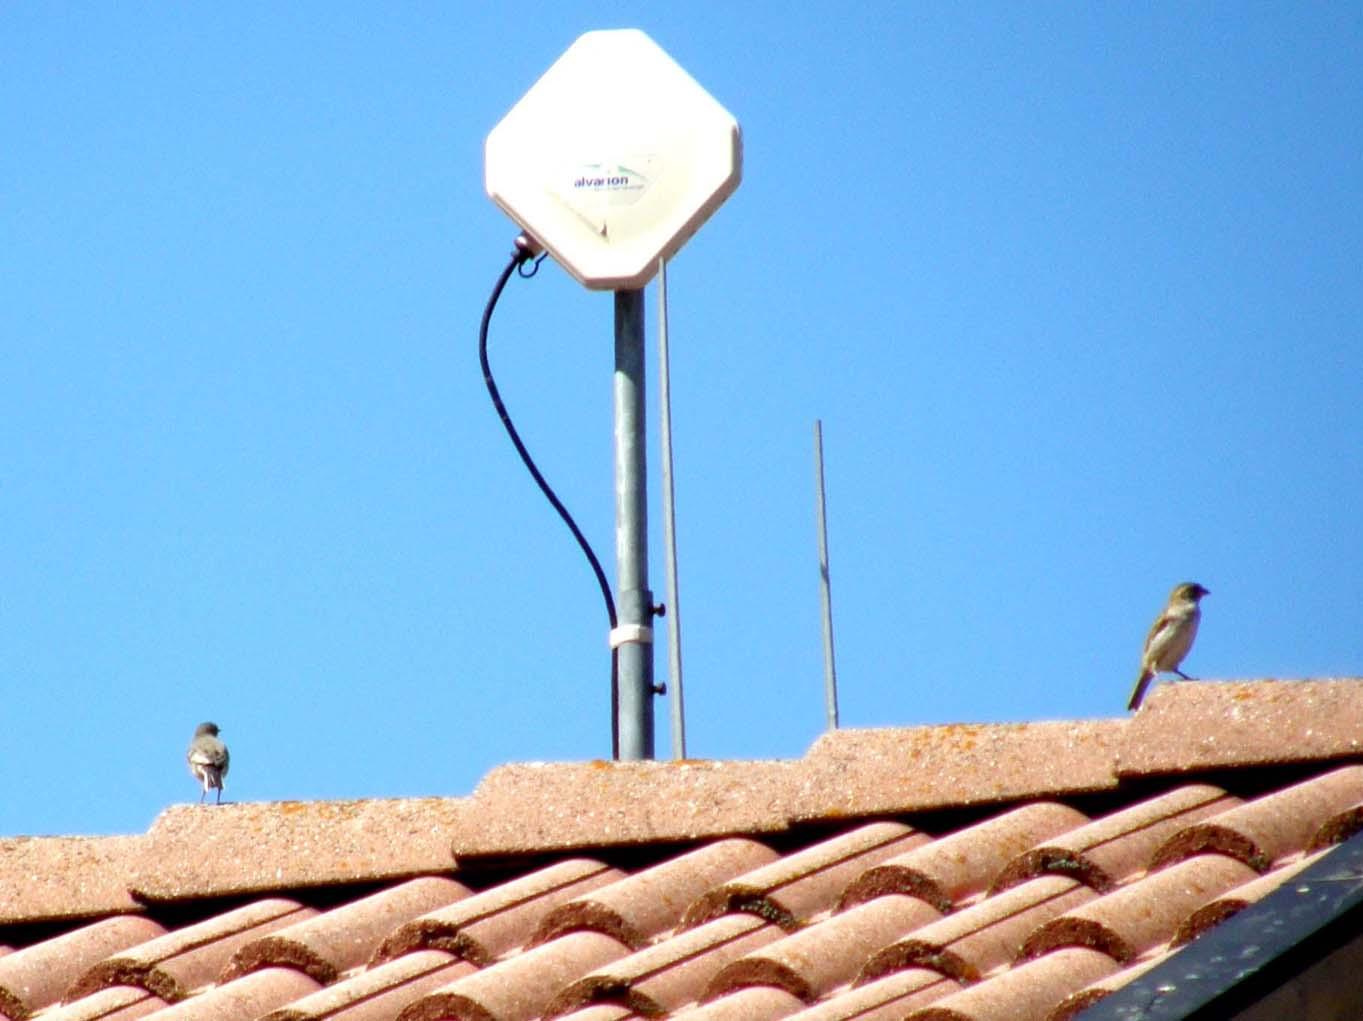 Sul tetto della casa di fronte 3 forum natura for Piani della casa sul tetto